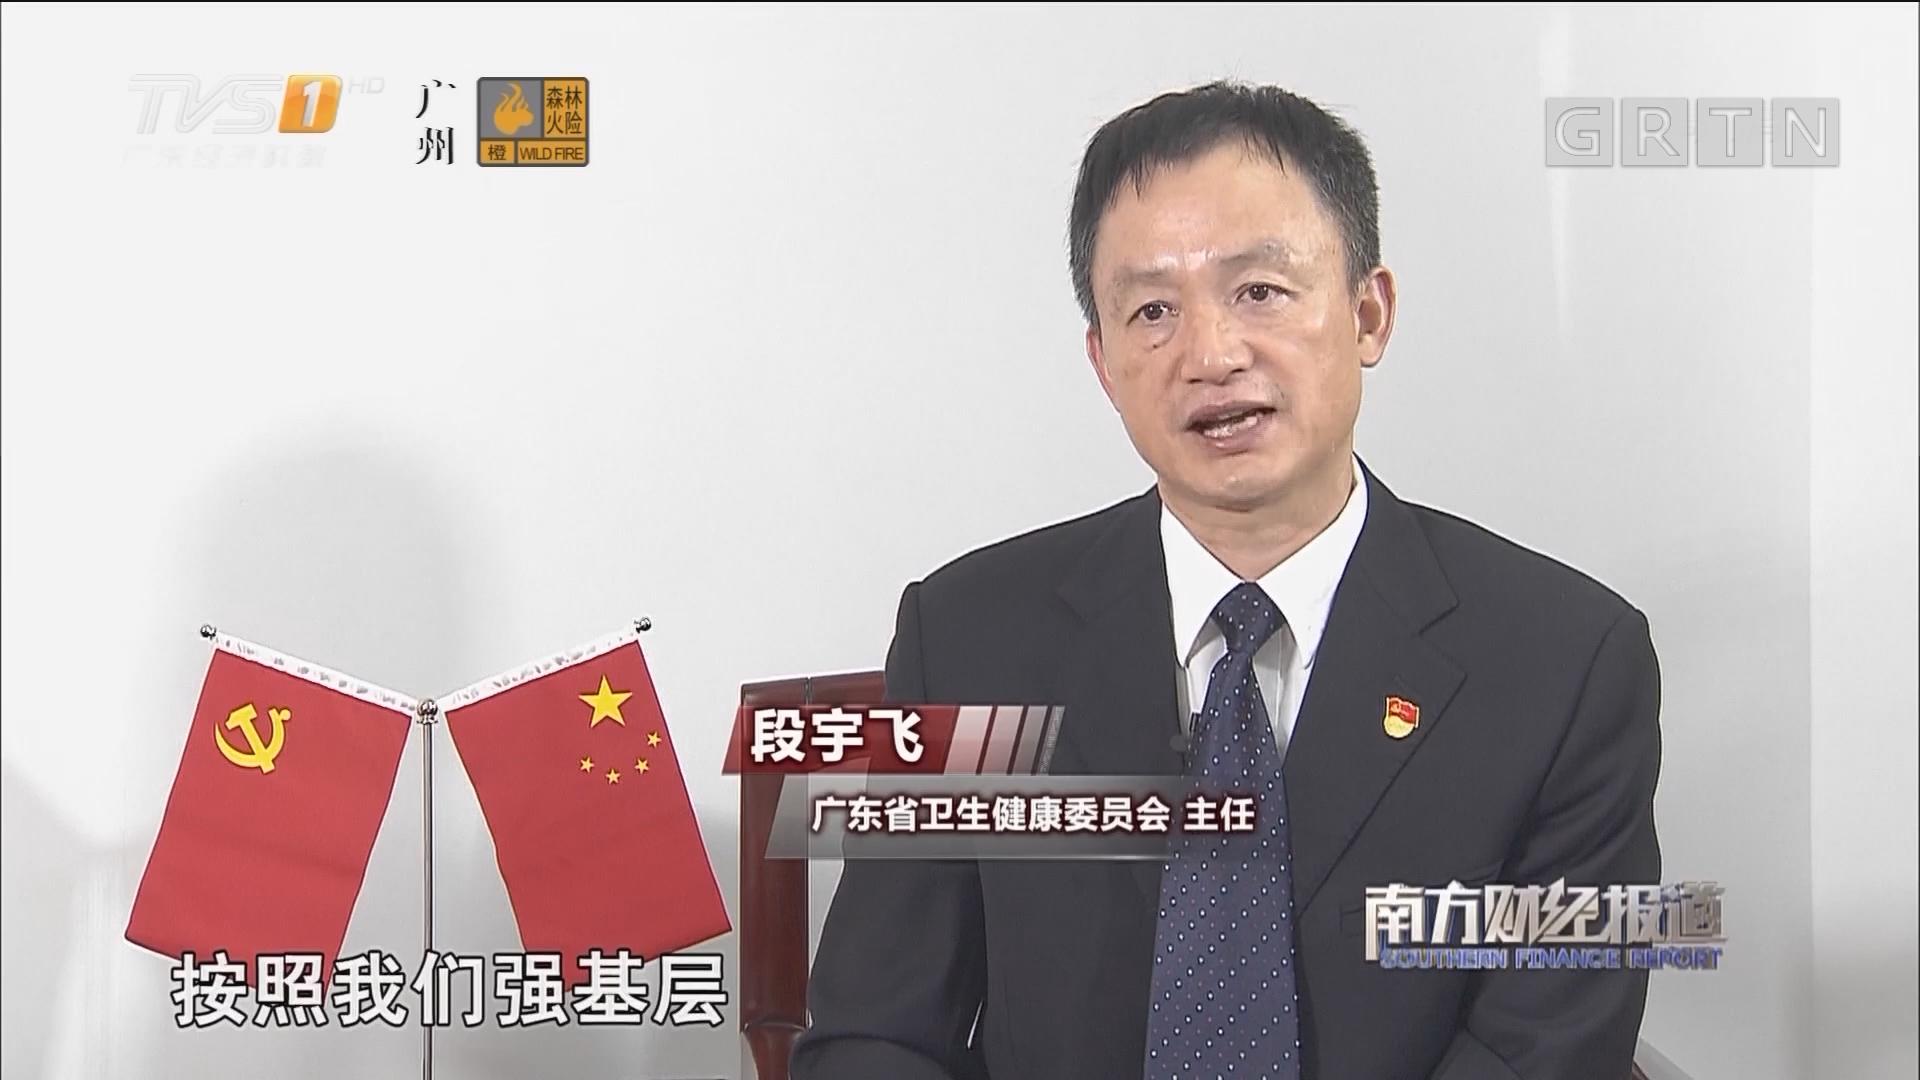 广东省卫生健康委员会:大健康 大民生